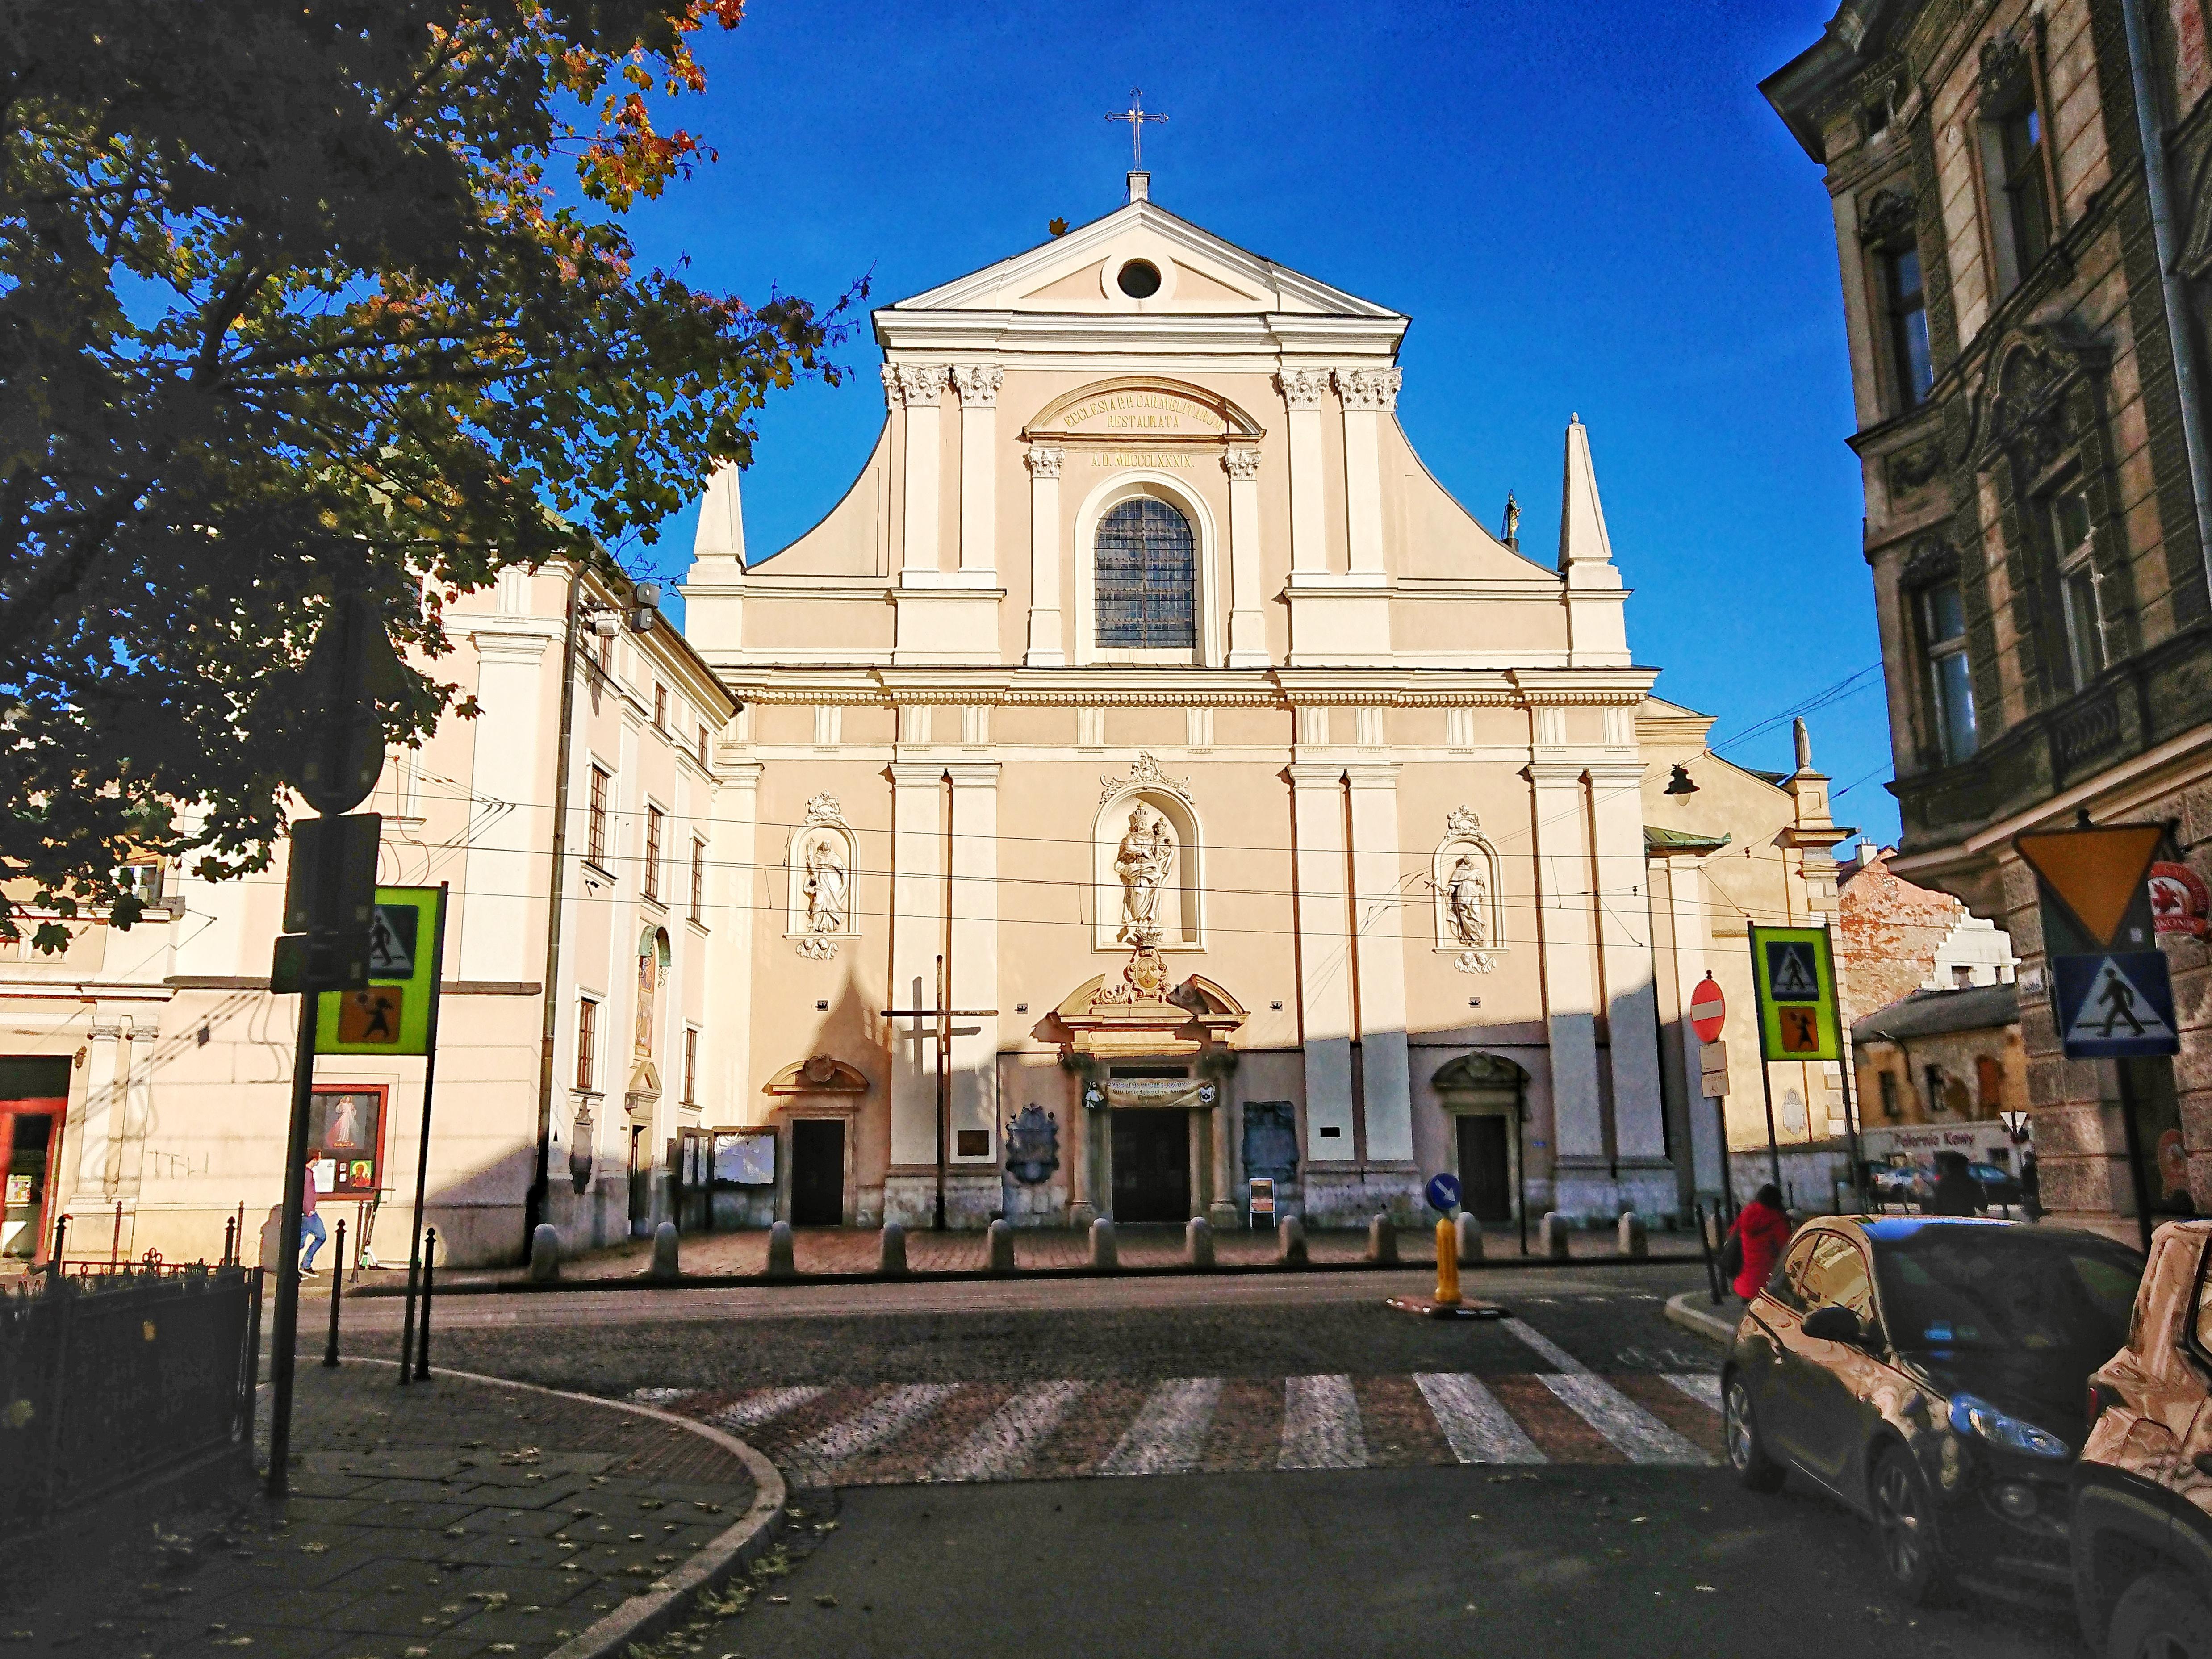 Widok fasady kościoła Karmelitów na Piasku, źródło: archiwum autorki